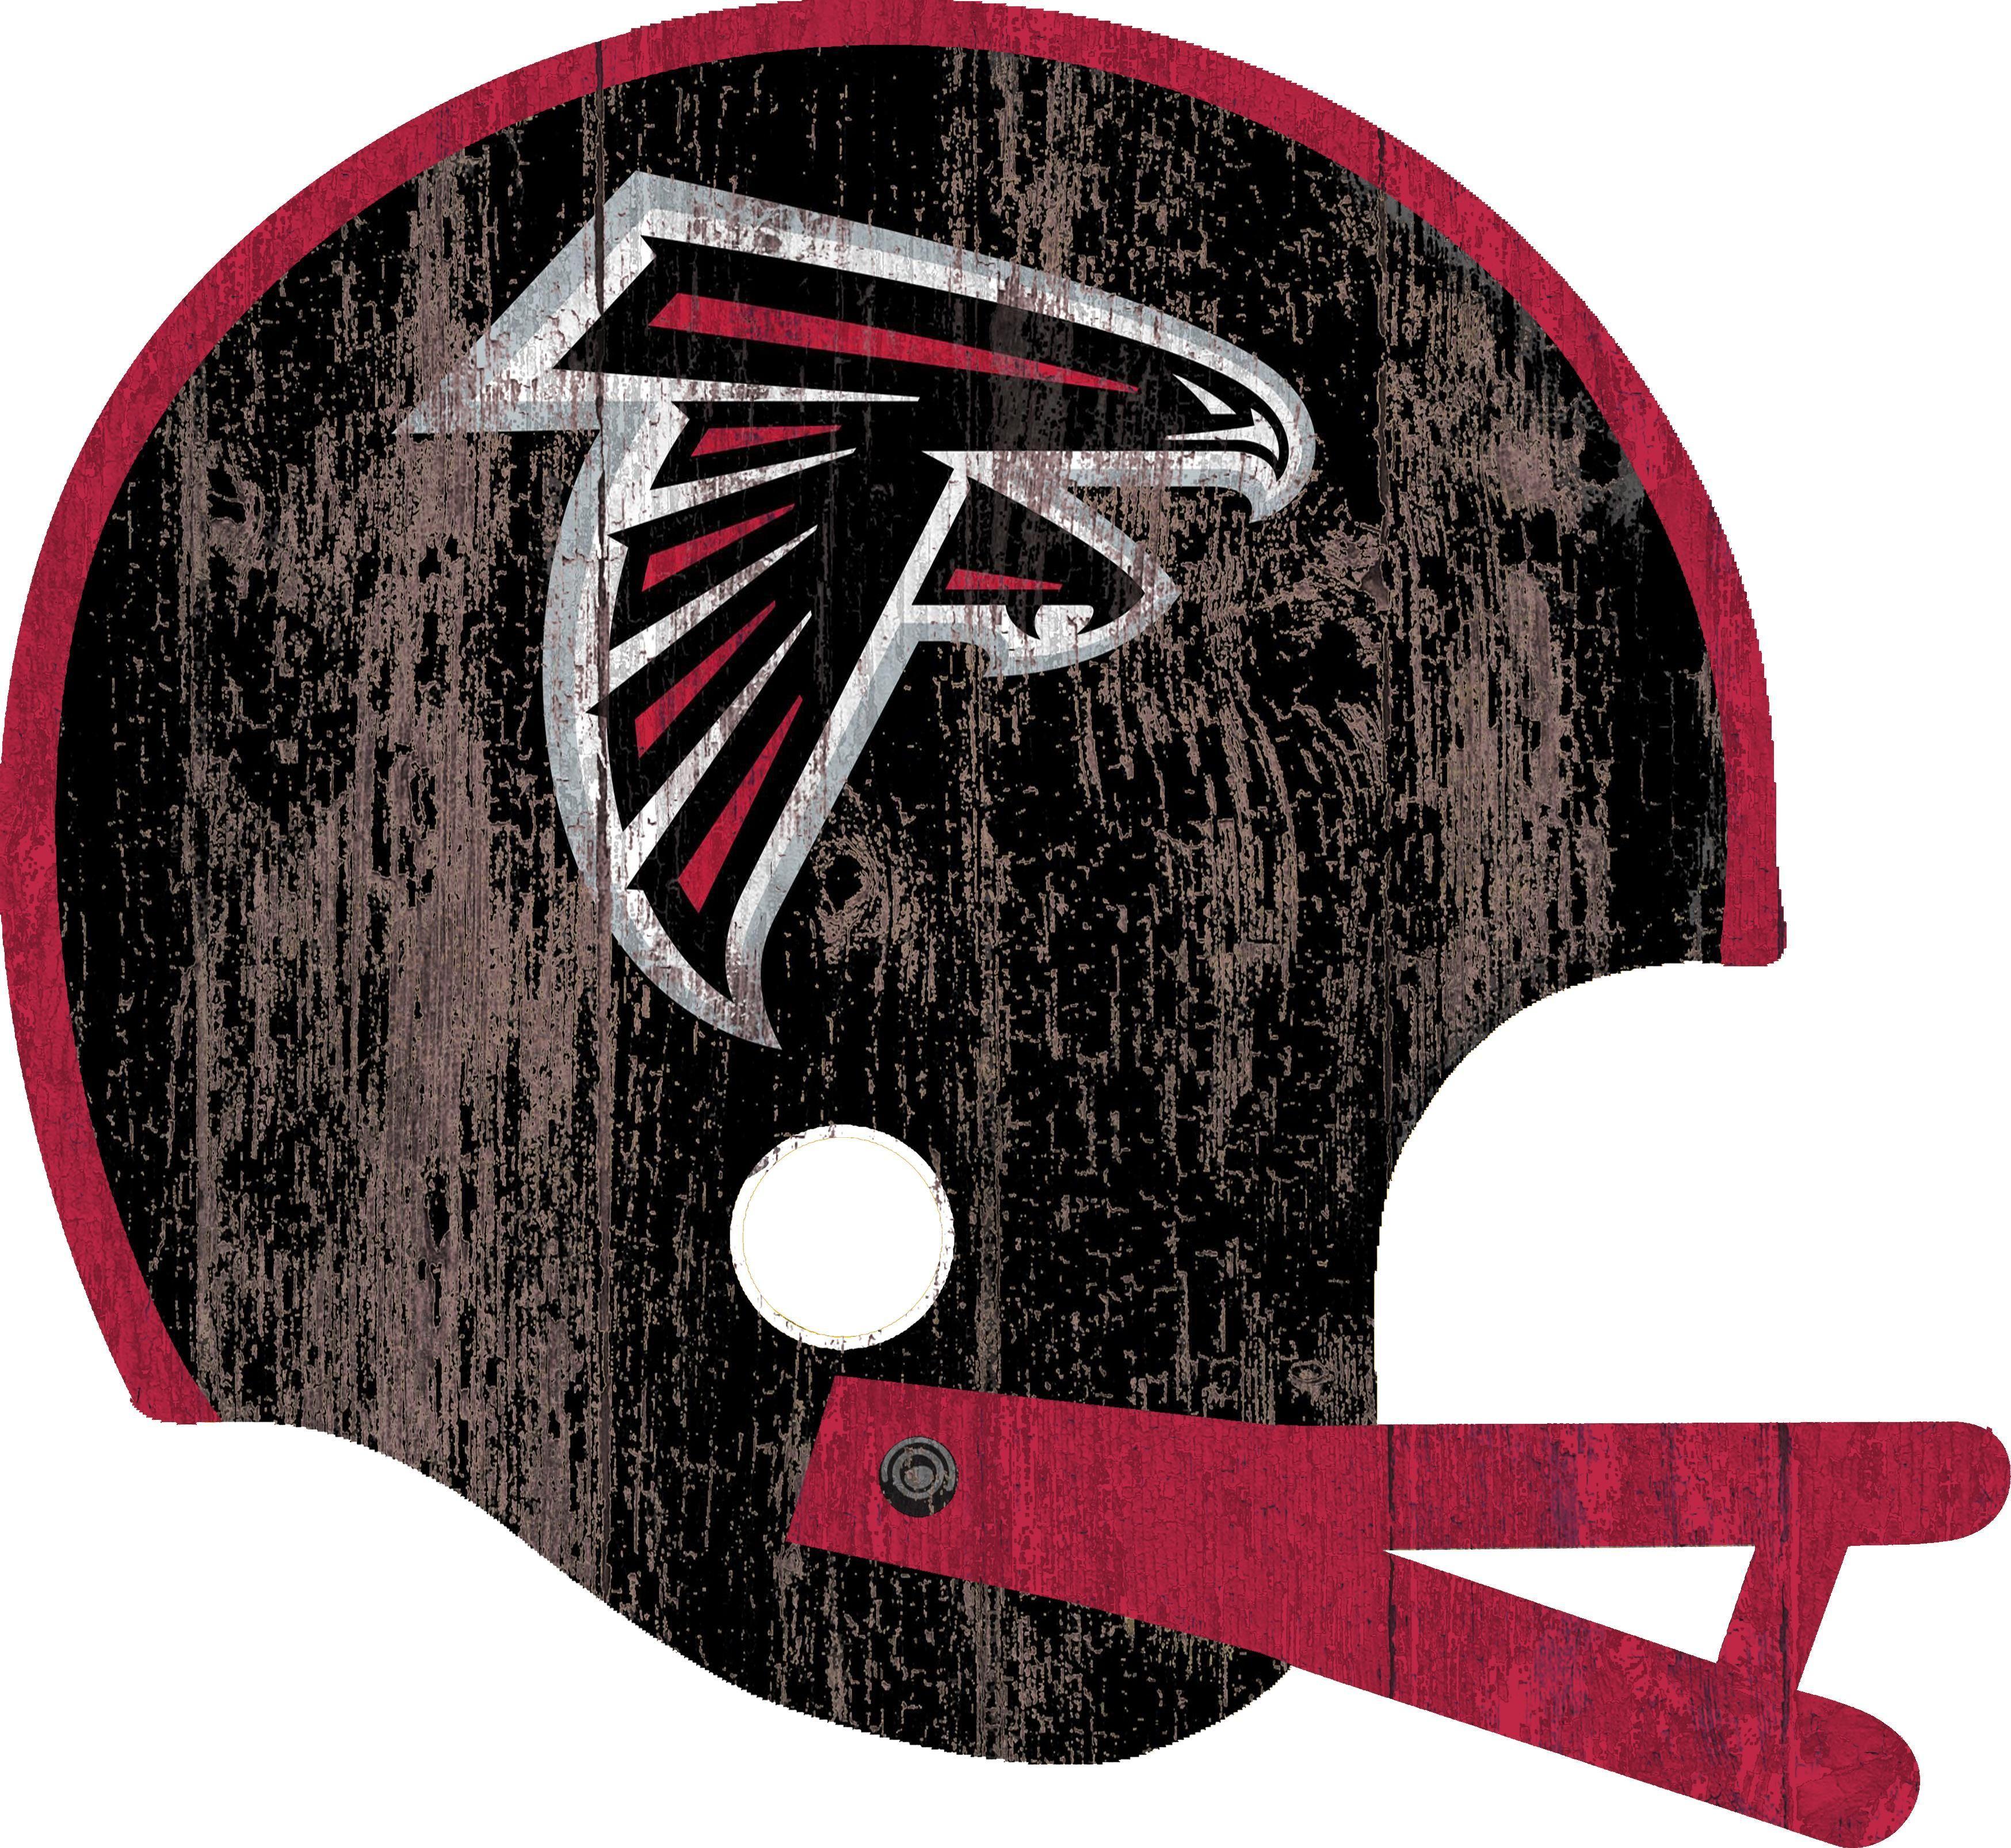 Atlanta Falcons Distressed Helmet Cutout 24 Wall Art Atlanta Falcons Fan Creations Falcons